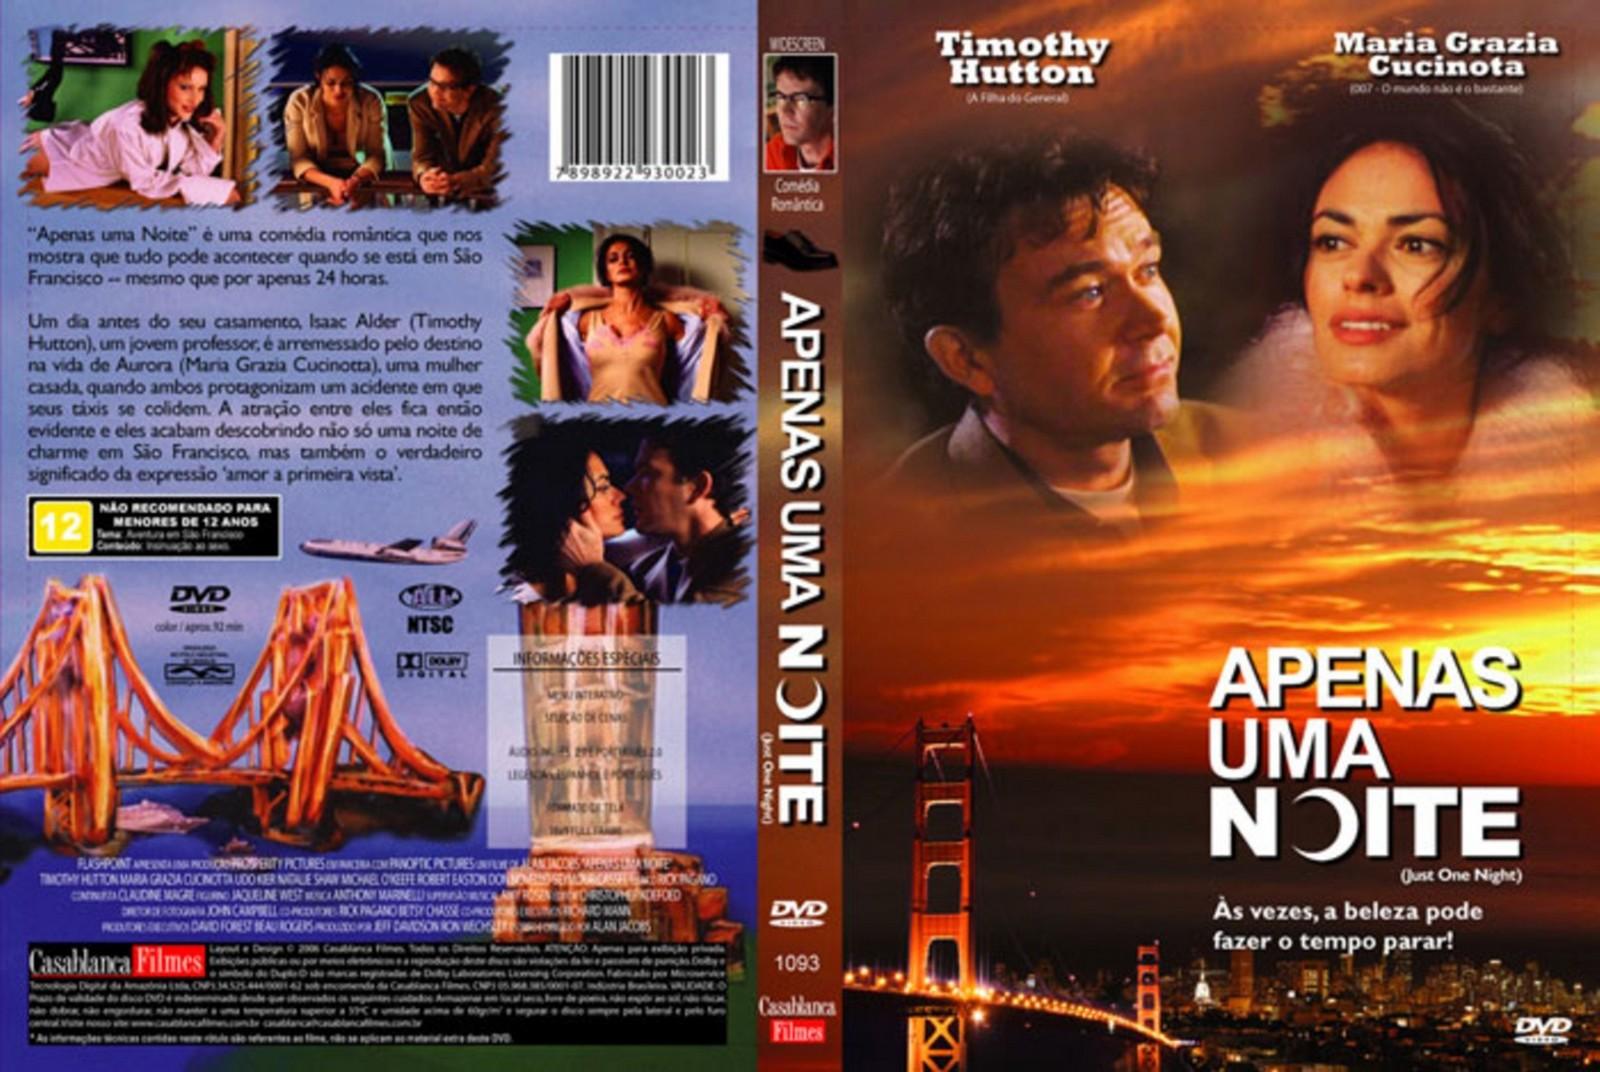 http://1.bp.blogspot.com/_avx0CDv74_c/TCpBlfrHM6I/AAAAAAAAAC0/SccfNK9F4Z0/s1600/Apenas-Uma-Noite.jpg